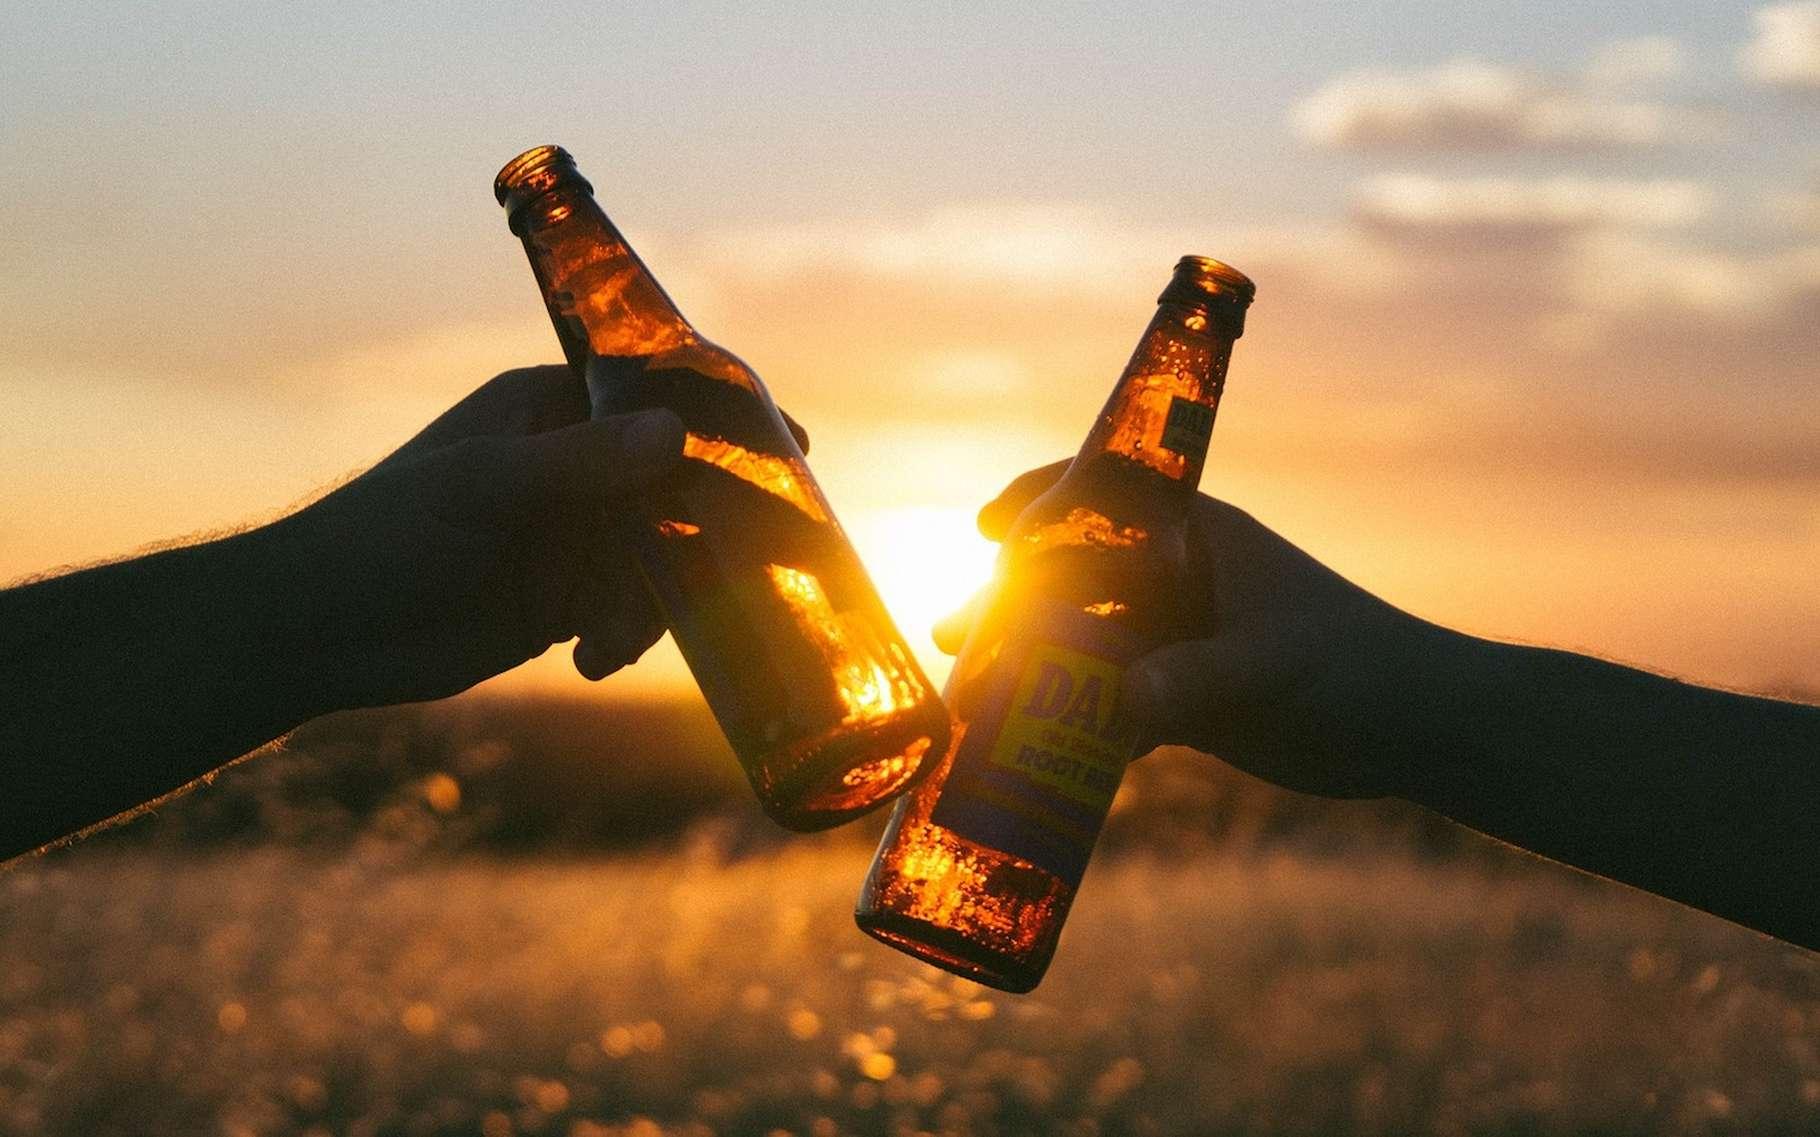 Des archéologues de l'université de Stanford ont découvert en Israël les plus anciennes traces de brassage de bière. Vieilles de quelque 13.000 ans, elles pourraient venir accréditer la thèse qui veut que la soif de bière ait été l'un des déclencheurs de la culture des céréales. © Free-Photos, Pixabay, CC0 Creative Commons